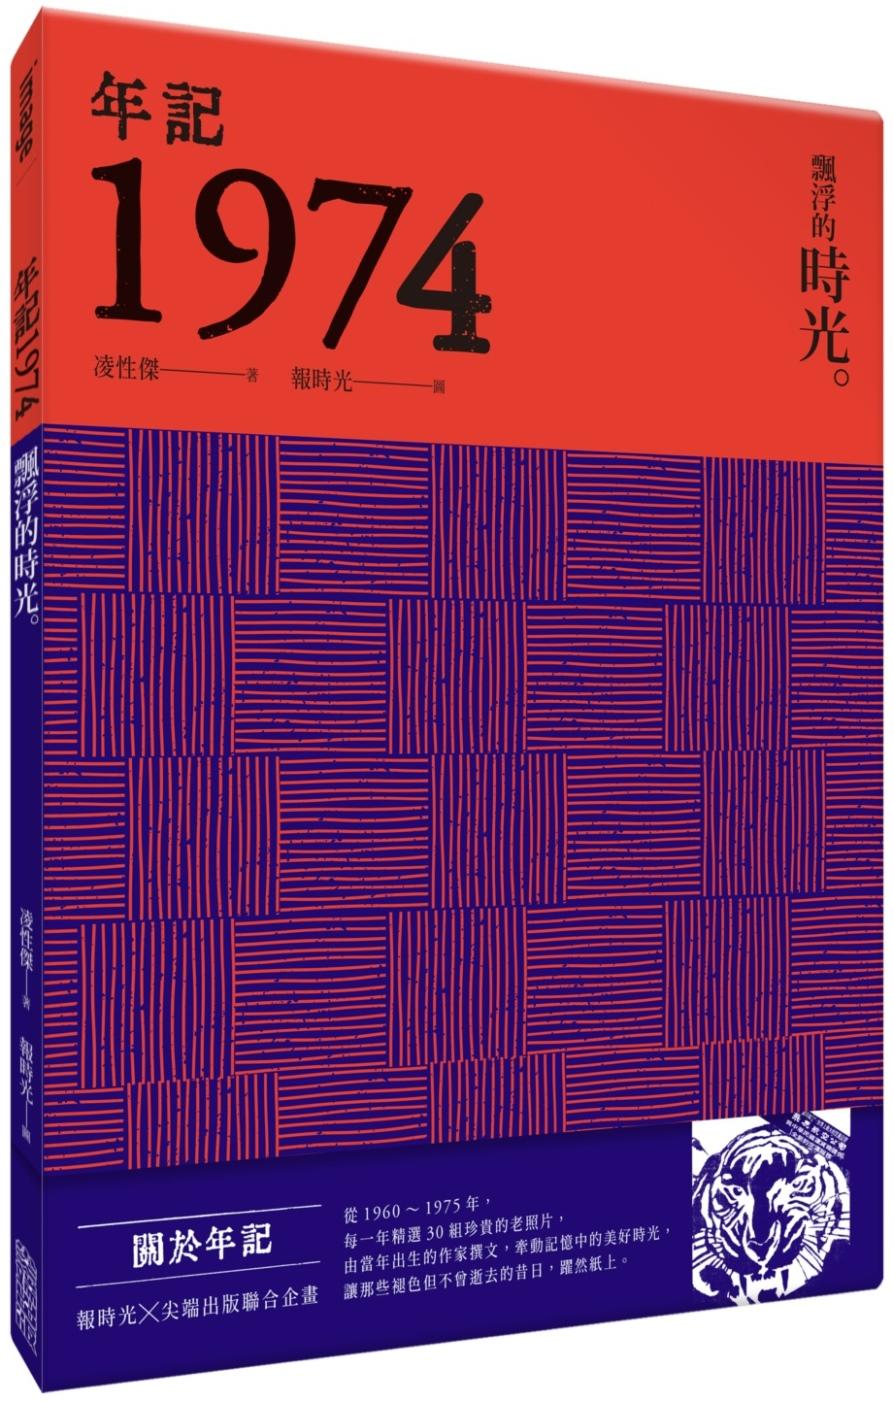 年記1974:飄浮的時光